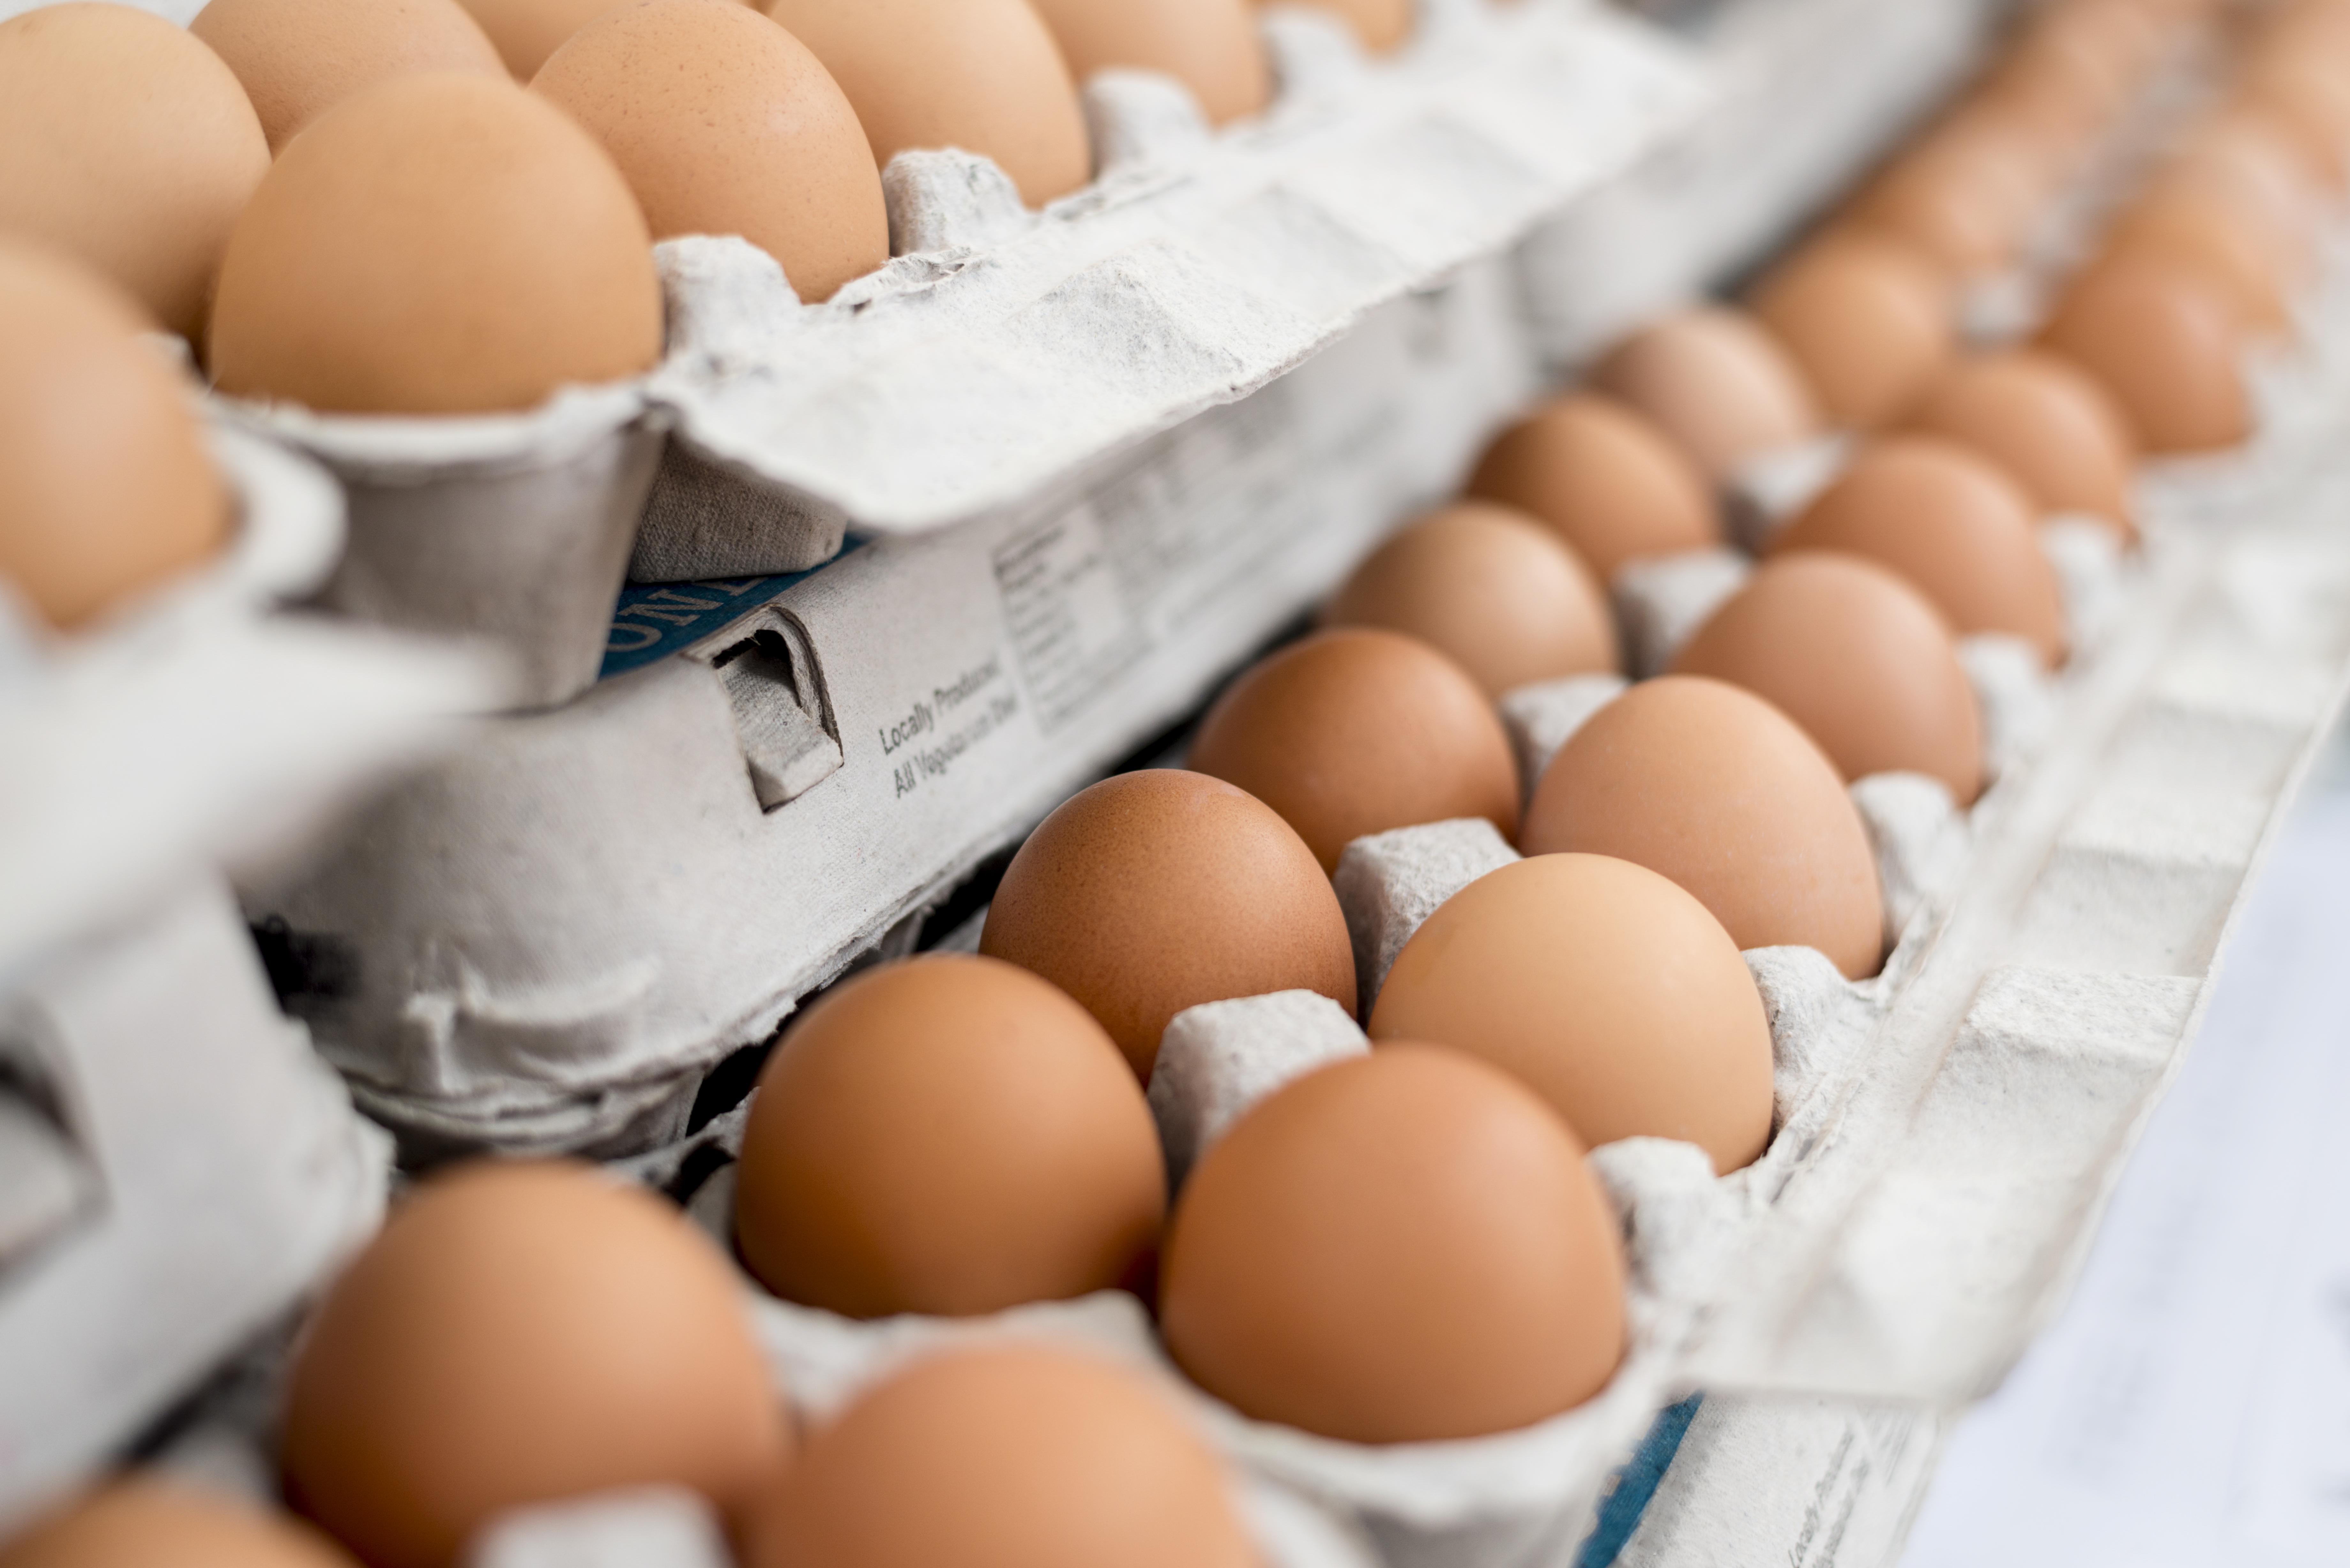 Salmonella egg recall